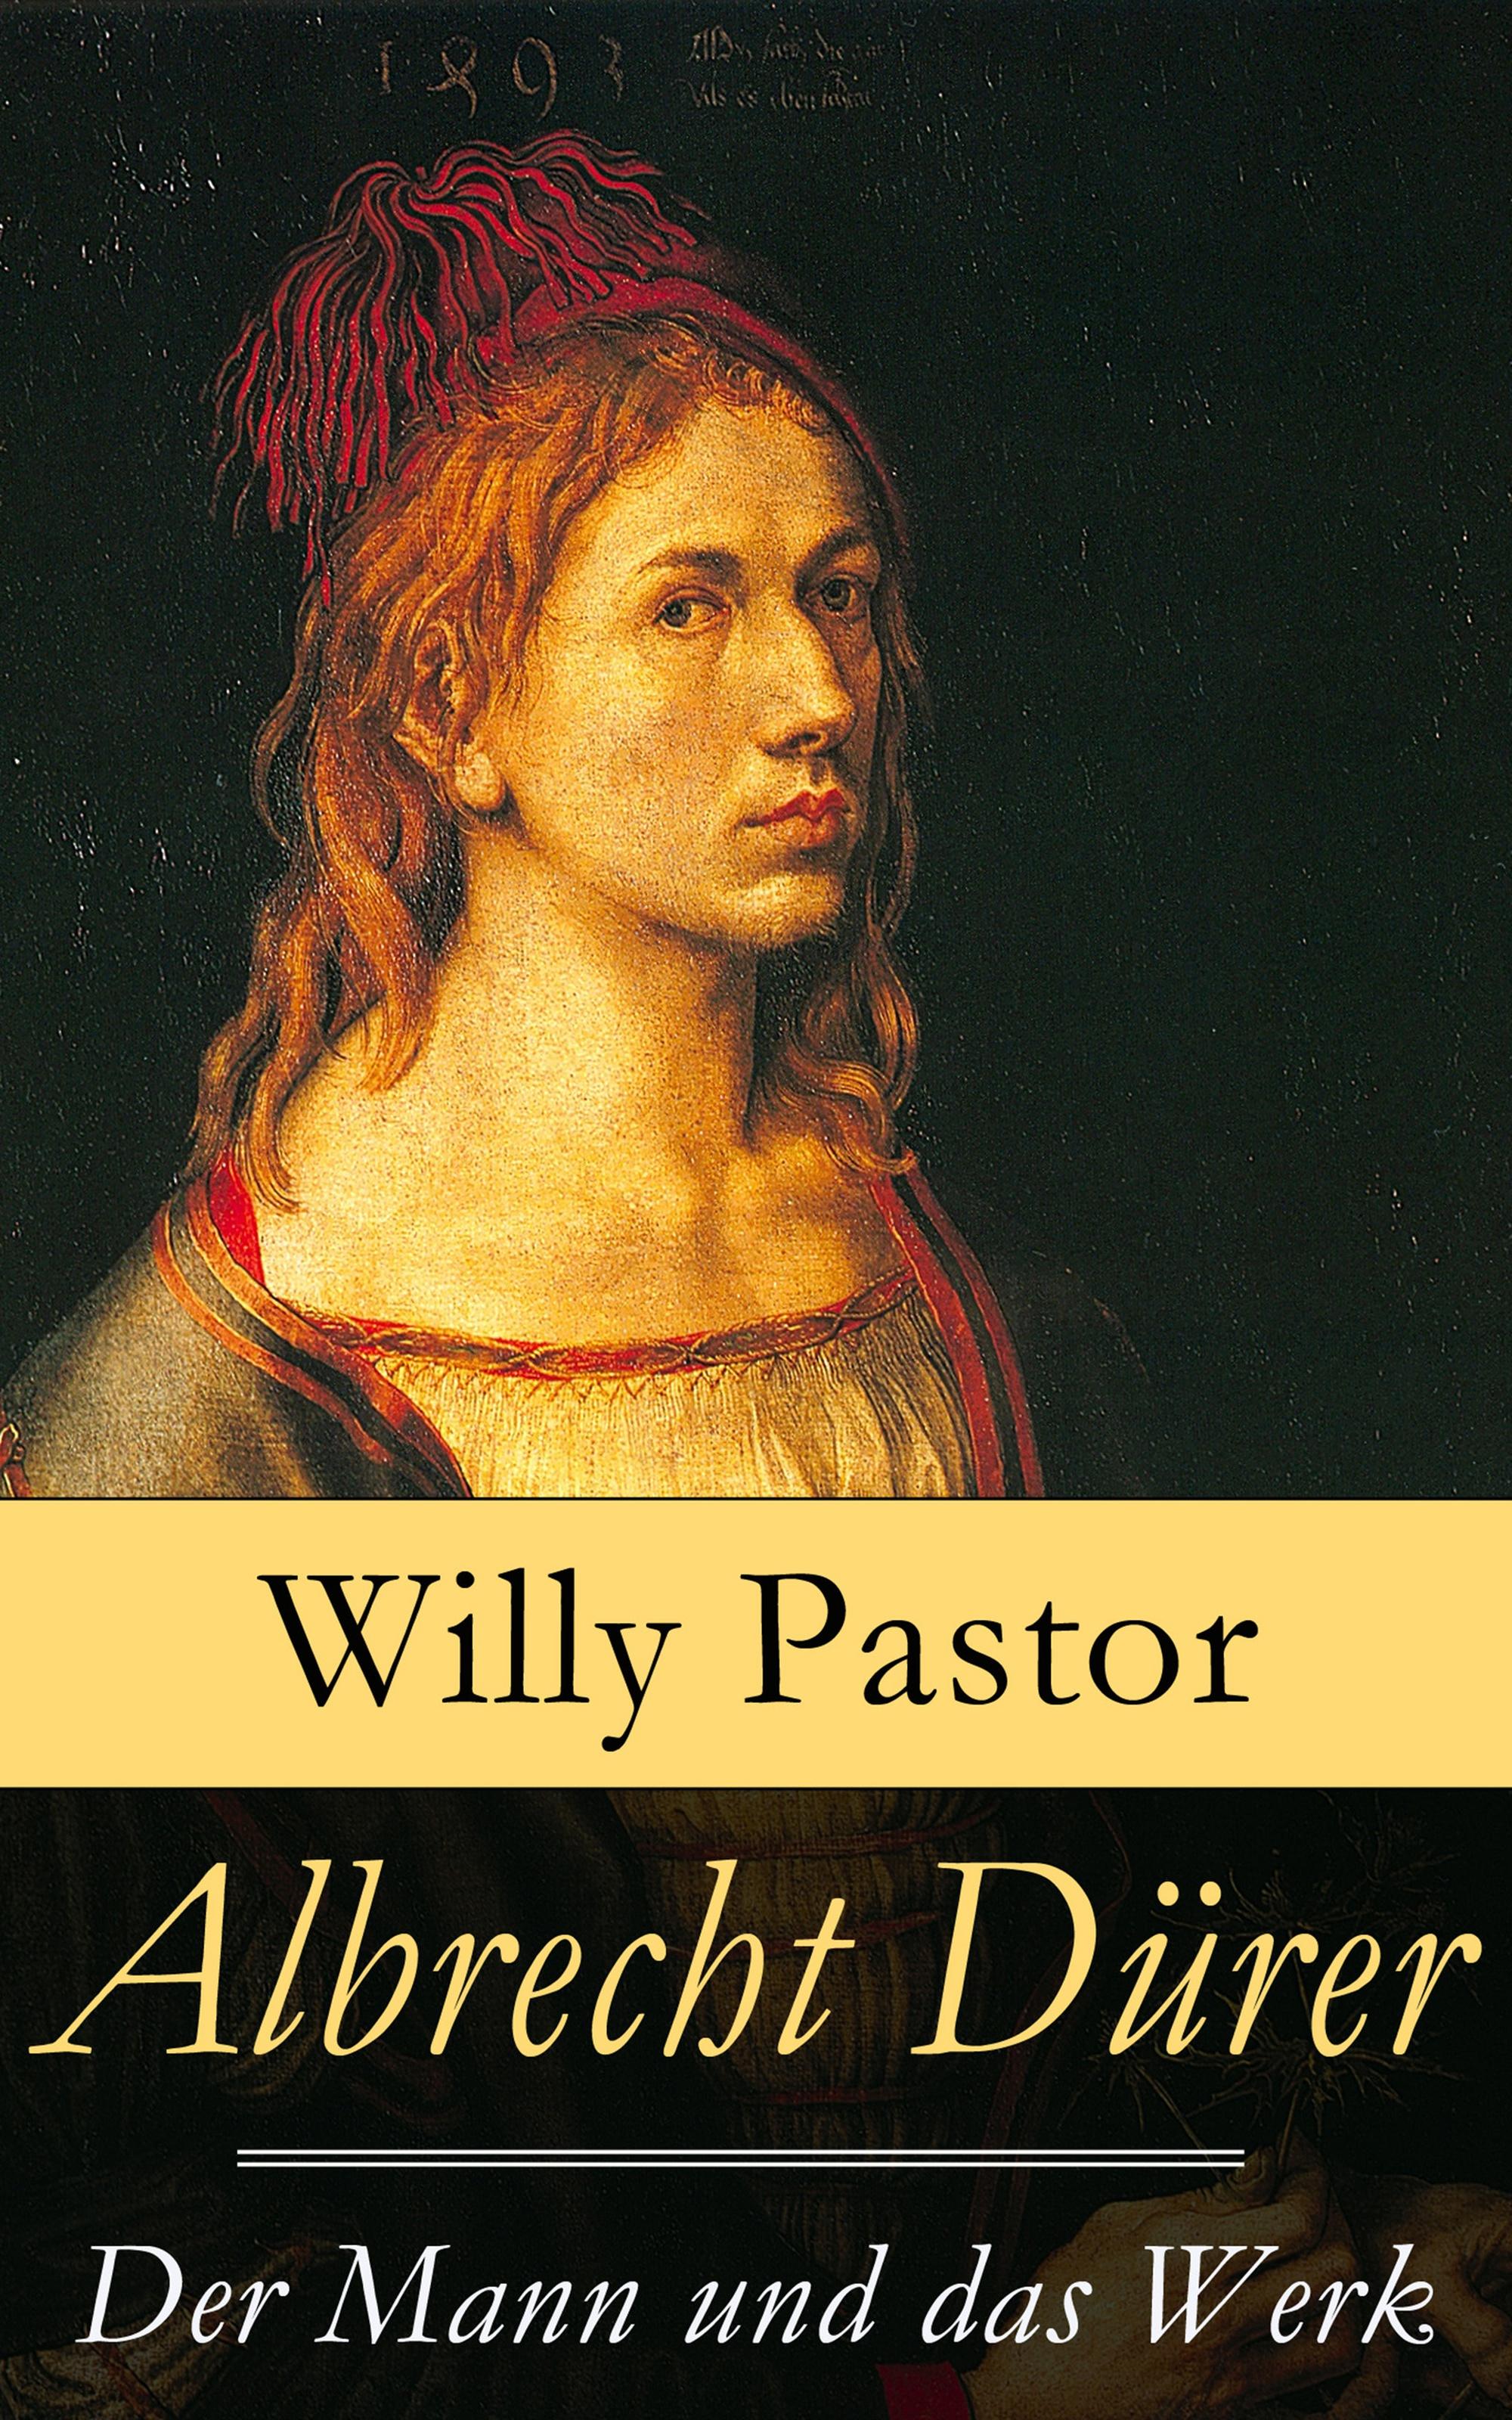 Willy Pastor Albrecht Dürer - Der Mann und das Werk